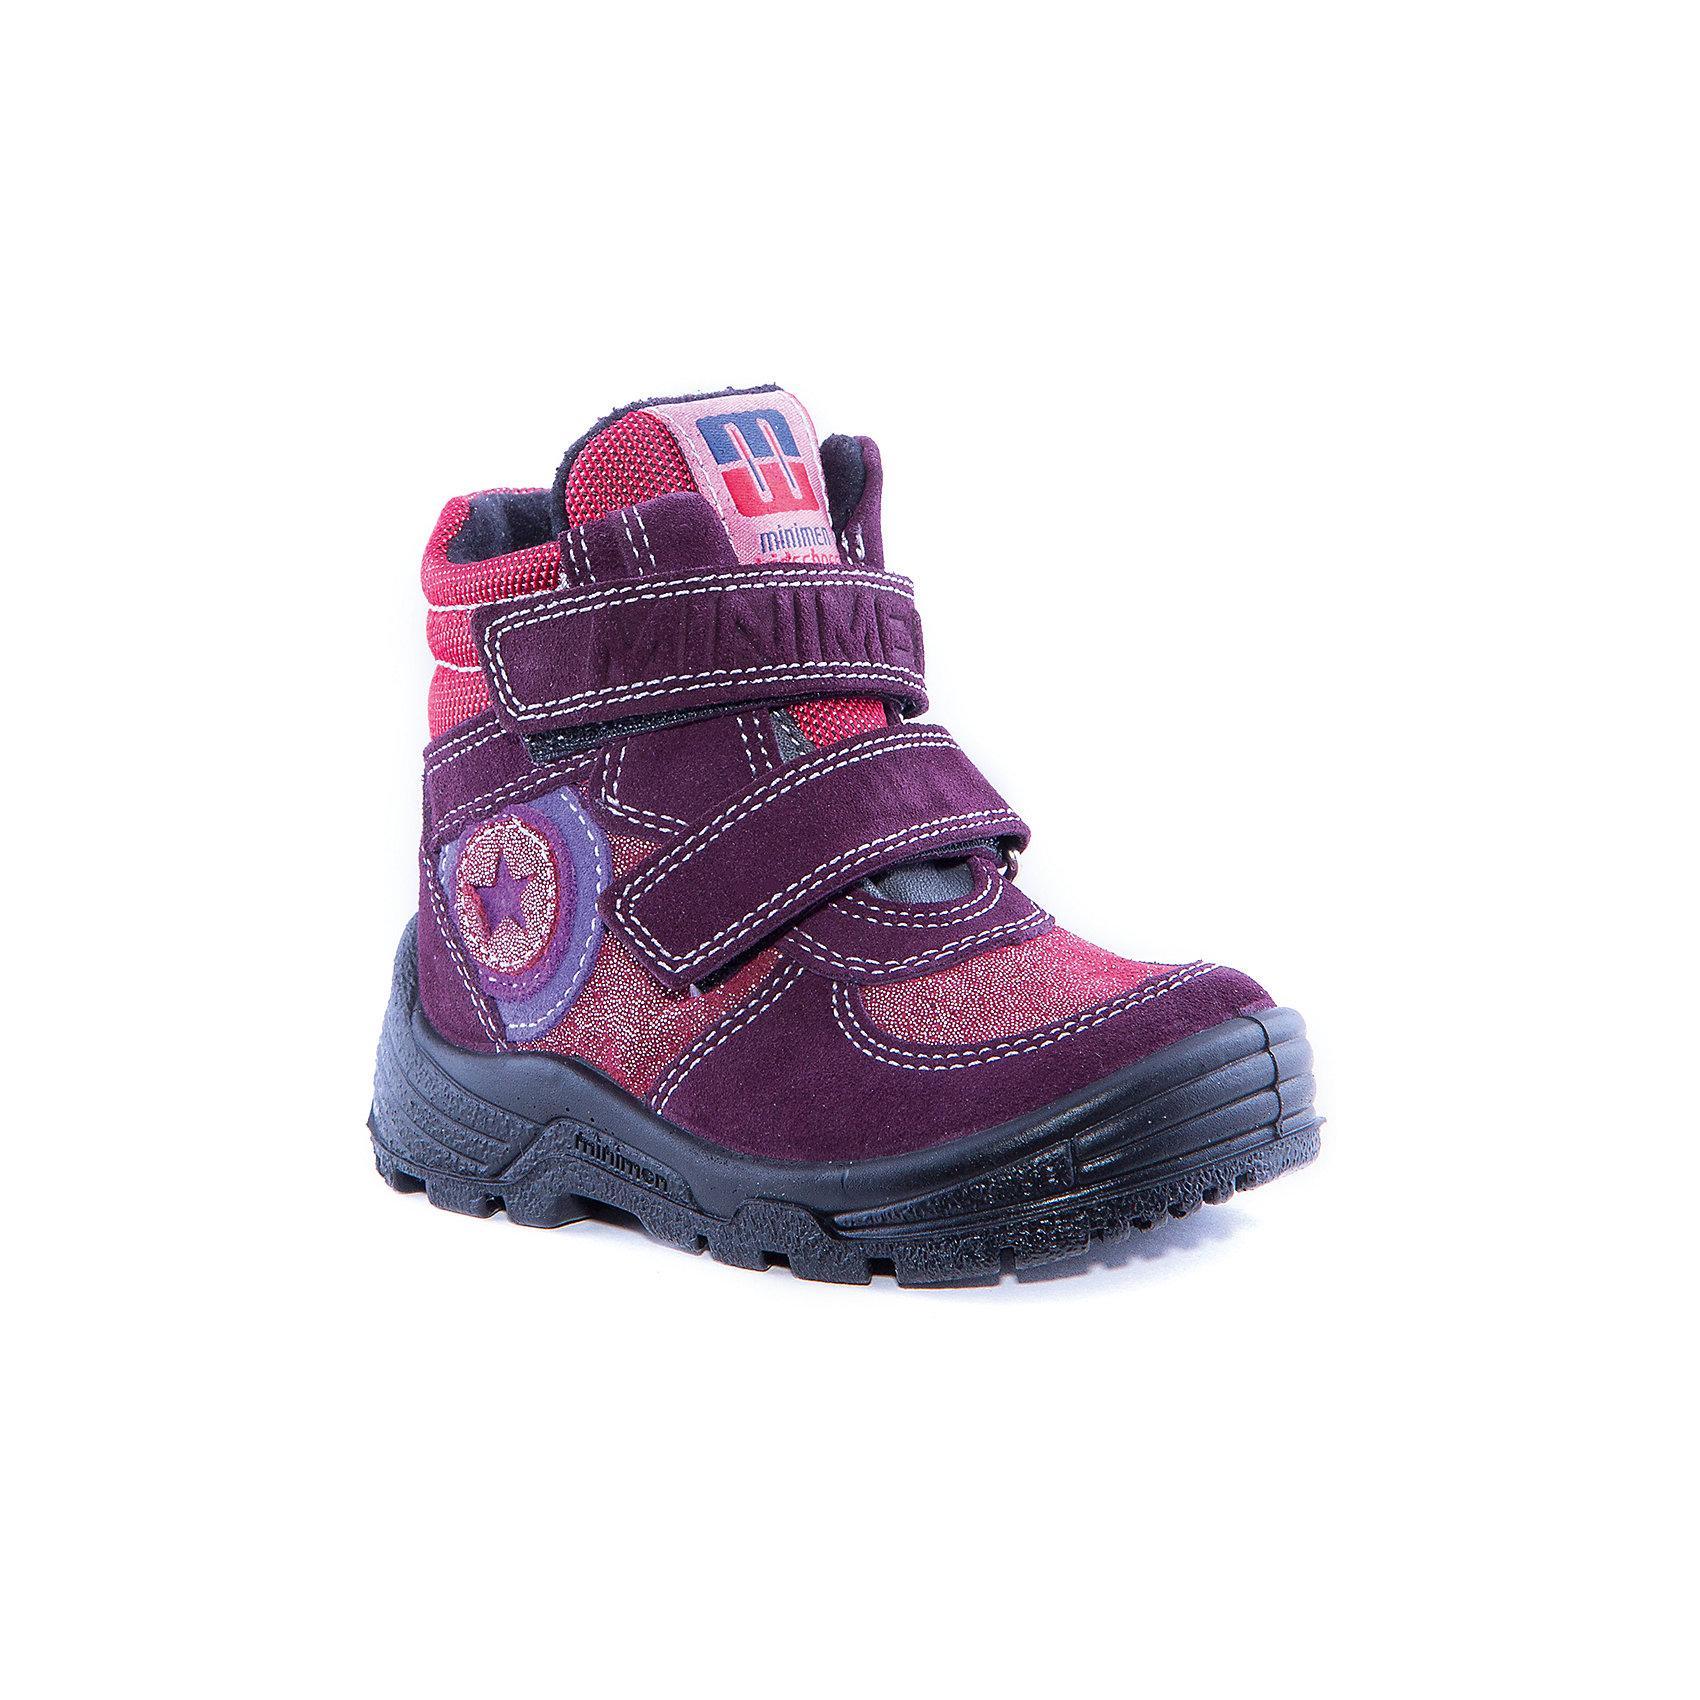 Полусапоги для девочки MinimenПолусапоги для девочки от известного бренда Minimen<br><br>Удобные и модные полусапоги Minimen созданы для ношения в межсезонье и начинающиеся холода. Их форма тщательно проработана, поэтому детским ножкам в такой обуви тепло и комфортно. Качественные материалы позволяют сделать изделия износостойкими и удобными.<br><br>При создании этой модели использована мембрана SympaTex. Она добавляется в подкладку обуви и позволяют ногам оставаться сухими и теплыми. Мембрана активно отводит влагу наружу, и не дает жидкости проникать внутрь, а также  не создает препятствий для воздуха, обеспечивая комфортные условия для детских ножек.<br><br>Отличительные особенности модели:<br><br>- цвет: фиолетовый;<br>- мембрана SympaTex;<br>- гибкая нескользящая подошва;<br>- усиленный носок и задник;<br>- эргономичная форма;<br>- удобная колодка;<br>- текстильная подкладка;<br>- натуральная кожа;<br>- застежки-липучки.<br><br>Дополнительная информация:<br><br>- Температурный режим: от - 20° С  до +5° С.<br><br>- Состав:<br><br>материал верха: 100% натуральная кожа<br>материал подкладки: 100% текстиль<br>подошва: ТЭП<br><br>Полусапоги для девочки Minimen (Минимен) можно купить в нашем магазине.<br><br>Ширина мм: 257<br>Глубина мм: 180<br>Высота мм: 130<br>Вес г: 420<br>Цвет: красный<br>Возраст от месяцев: 15<br>Возраст до месяцев: 18<br>Пол: Женский<br>Возраст: Детский<br>Размер: 22,23,24,26,27,28,29,25<br>SKU: 4295702